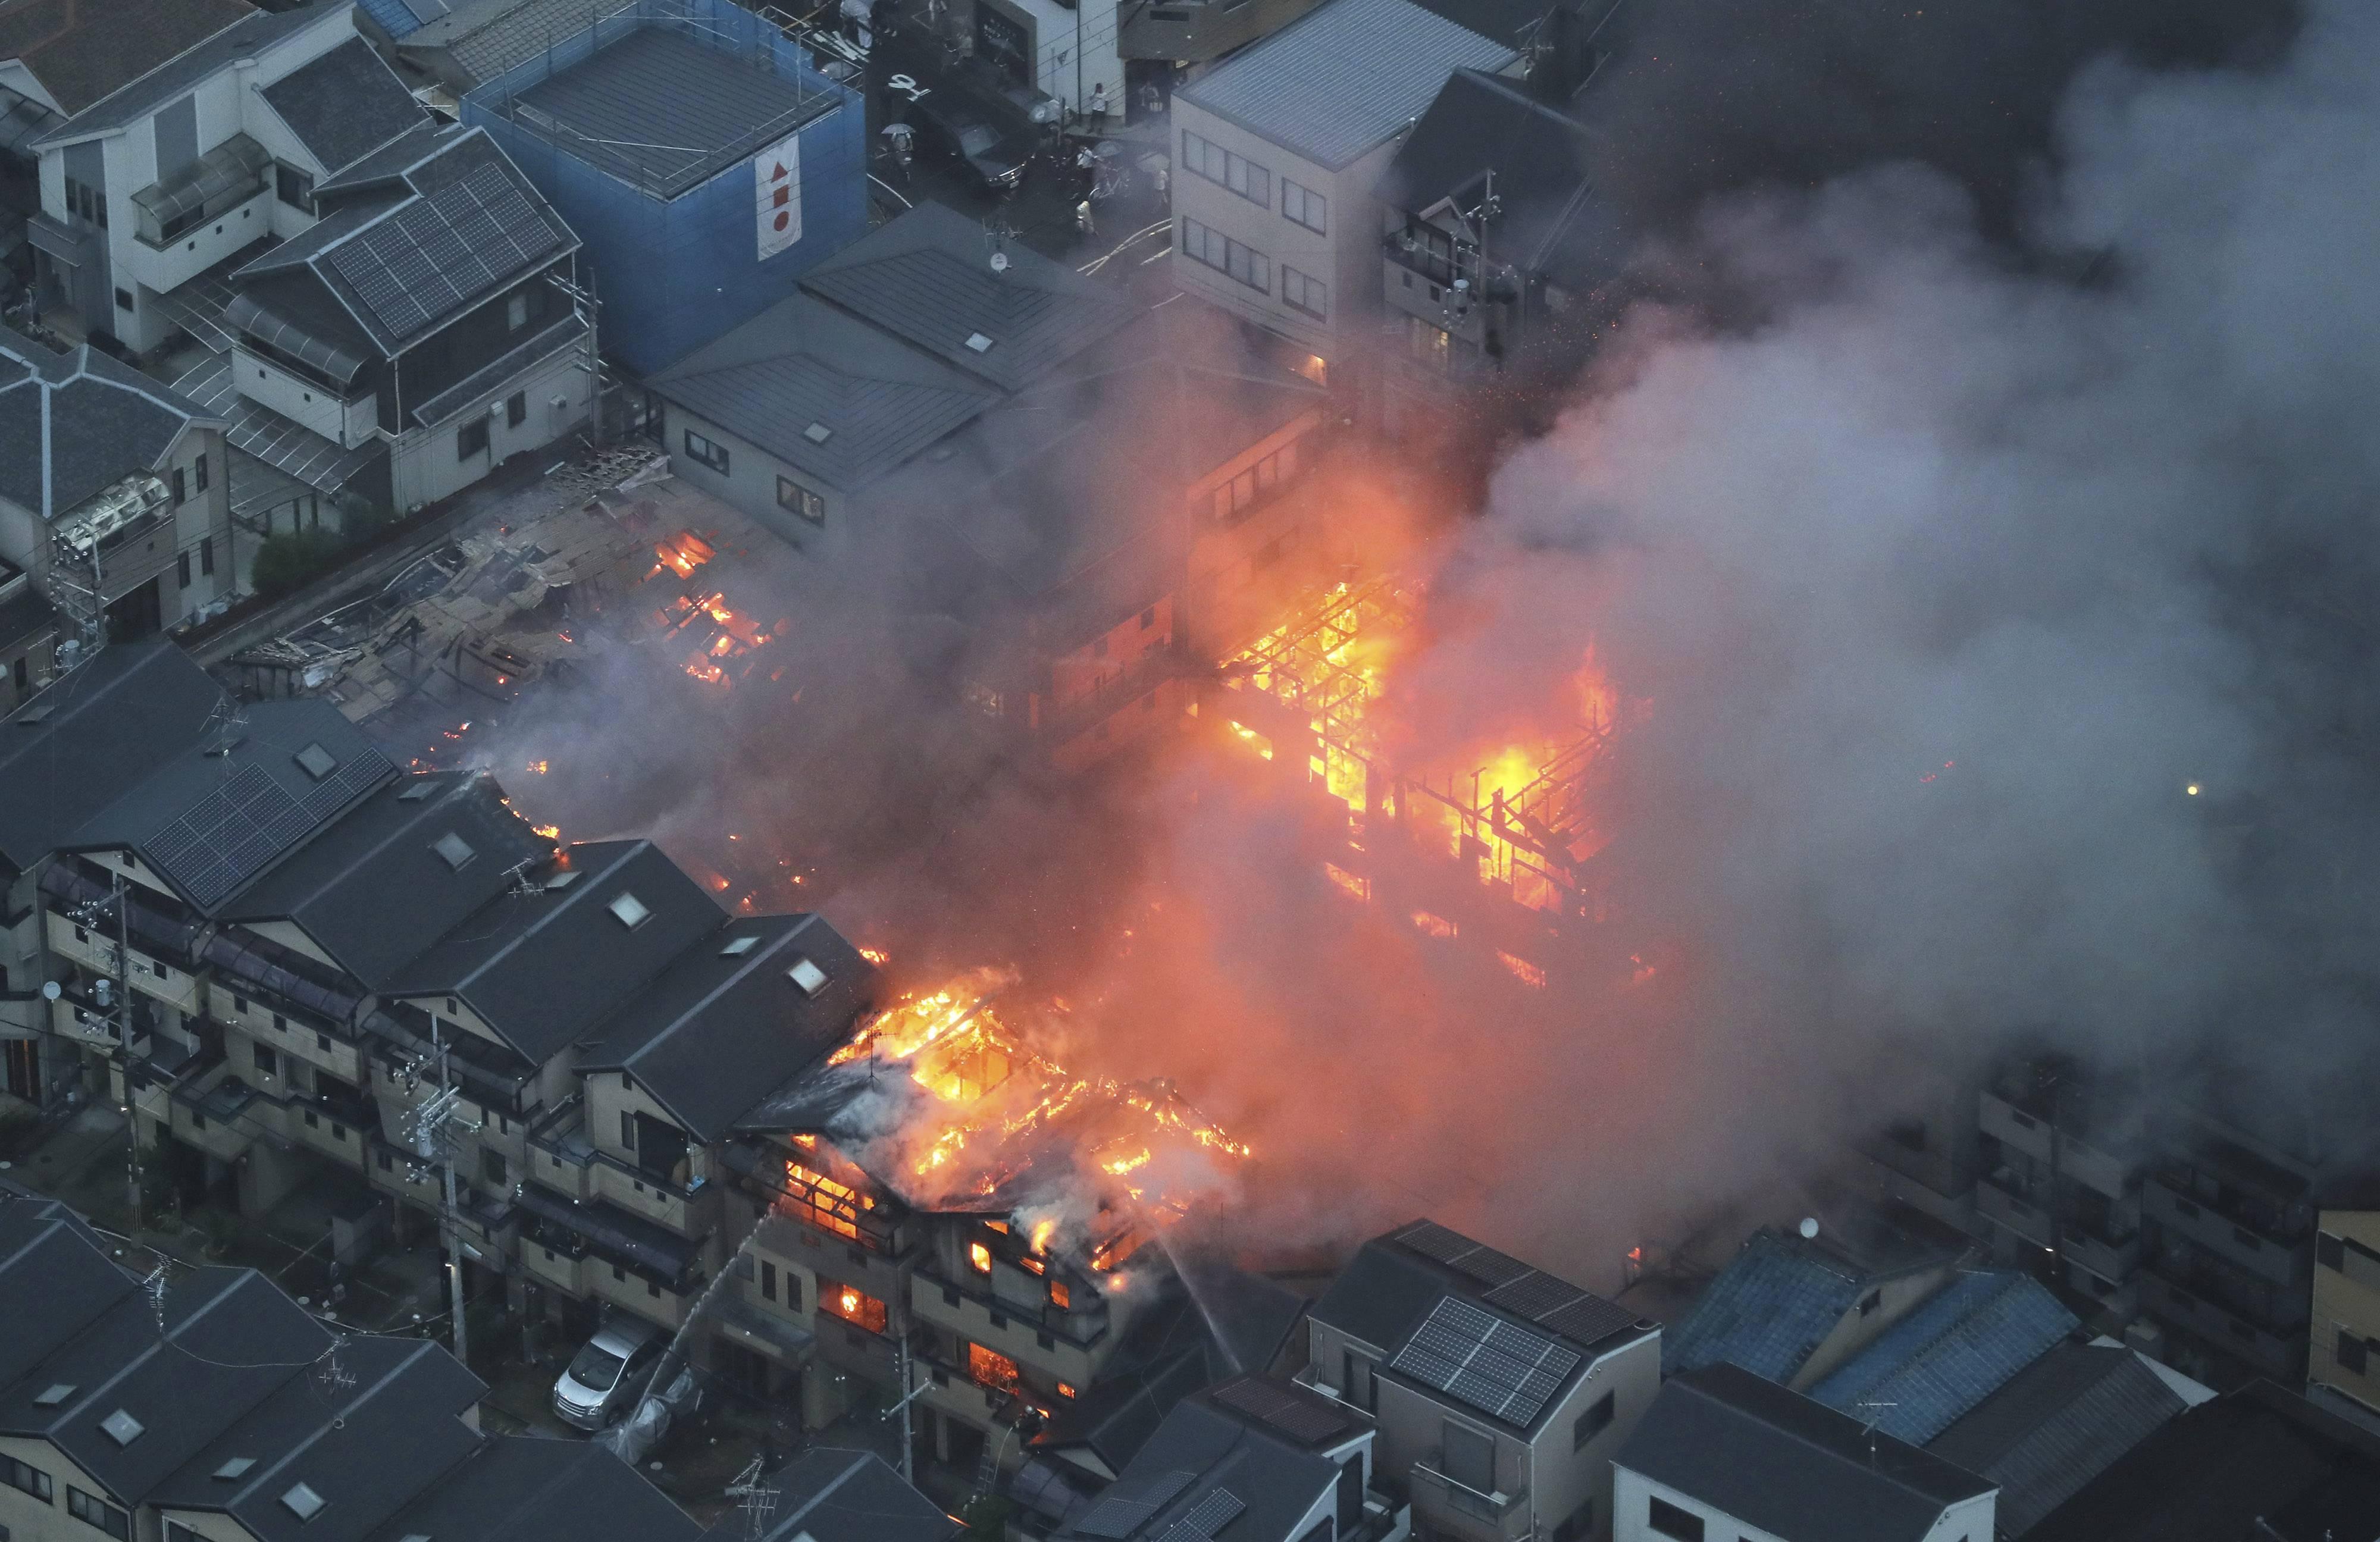 日本大阪一工厂突发大火 火势凶猛烧空屋顶